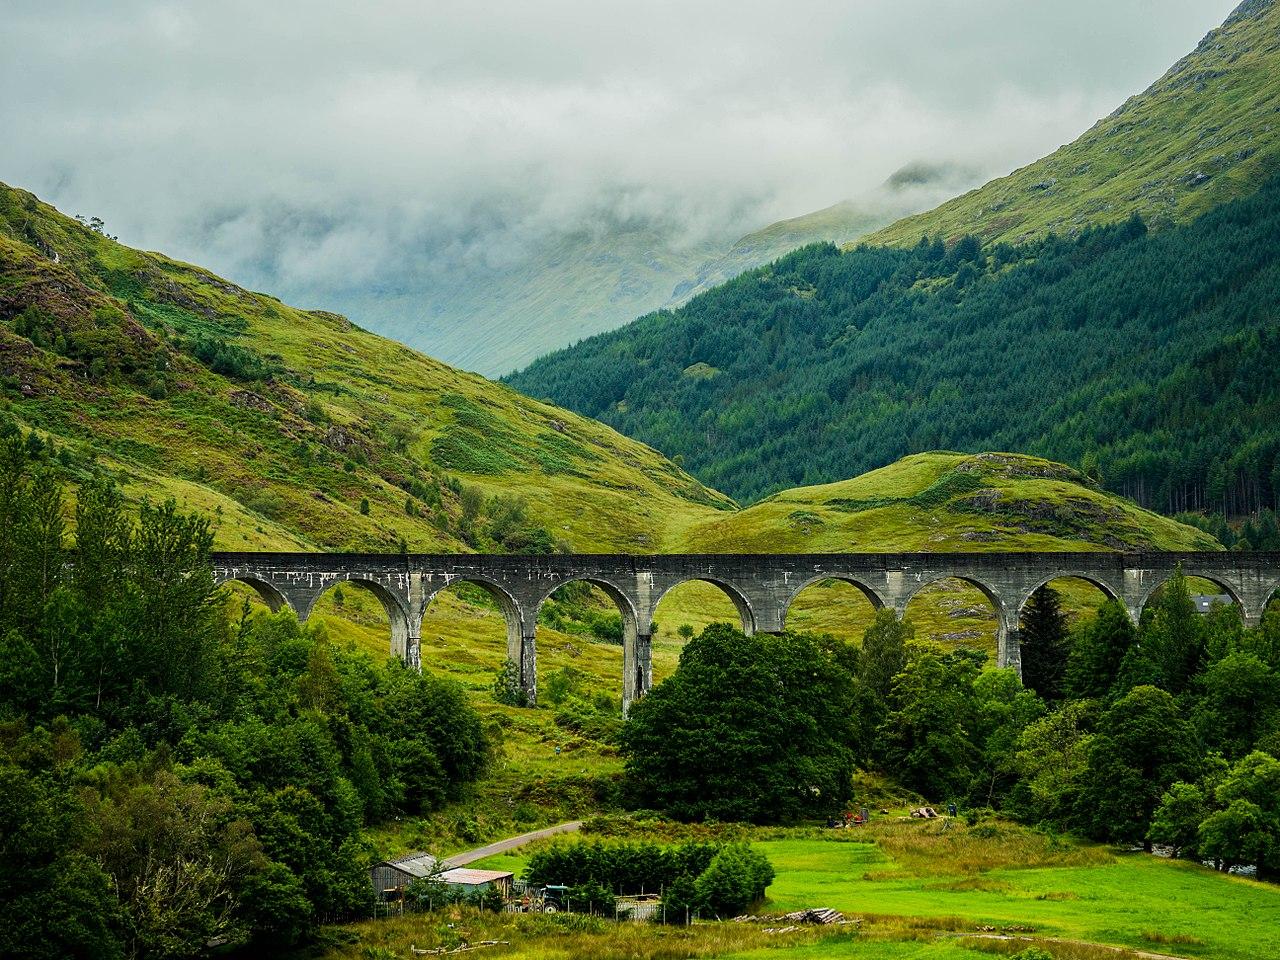 Viaduct at Loch Shiel, by Paul Stümke